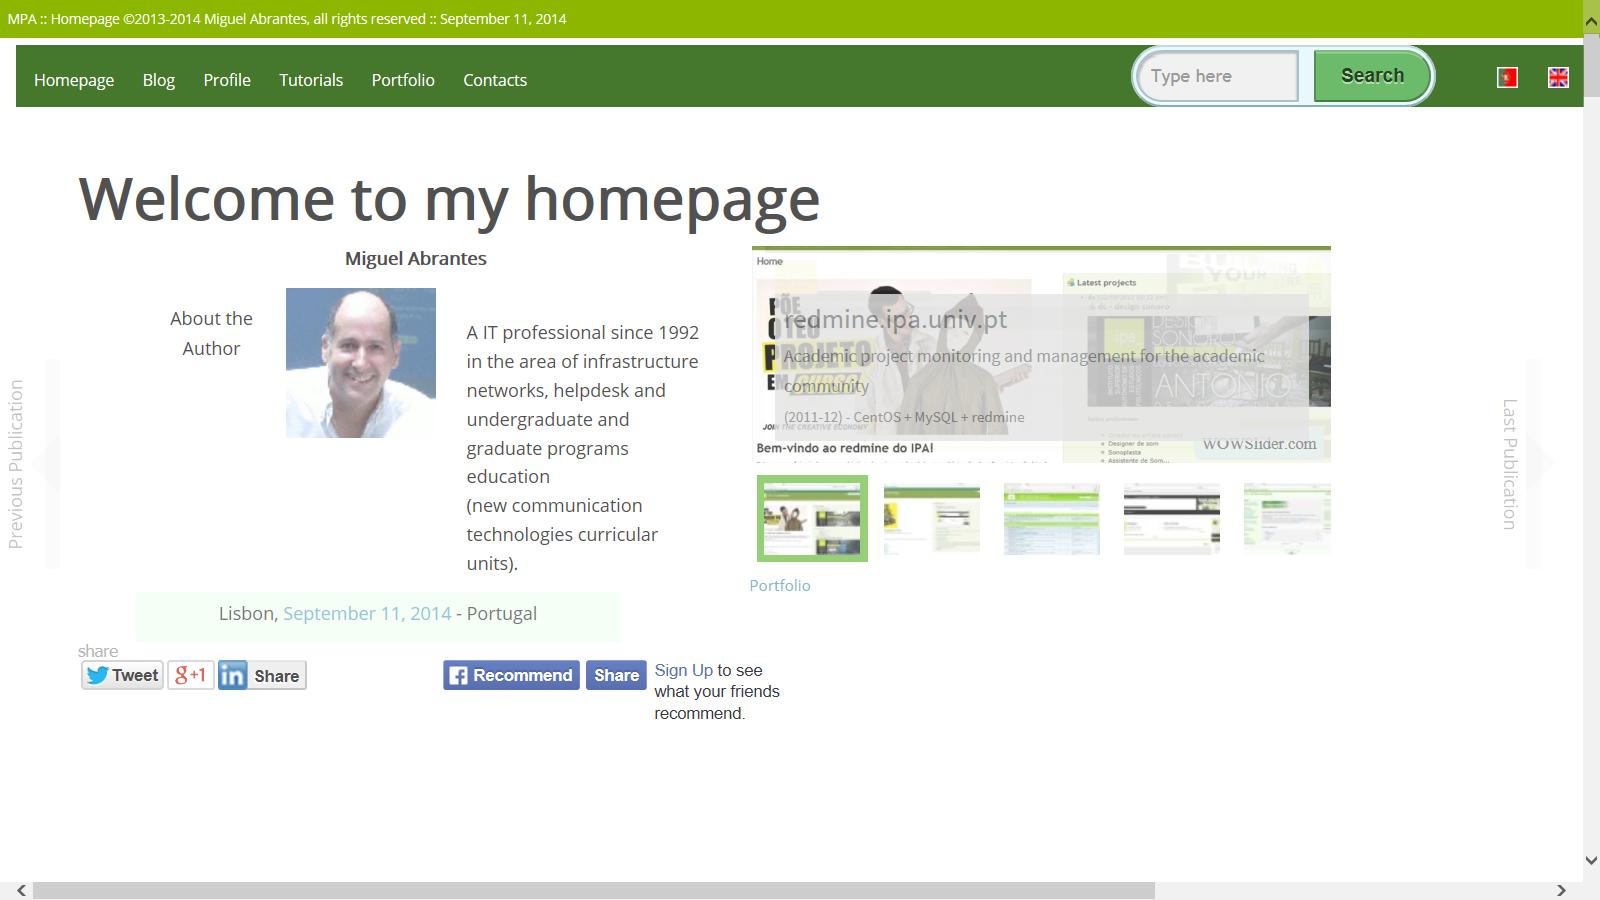 Image: Personal website Miguel Abrantes, 2013-14